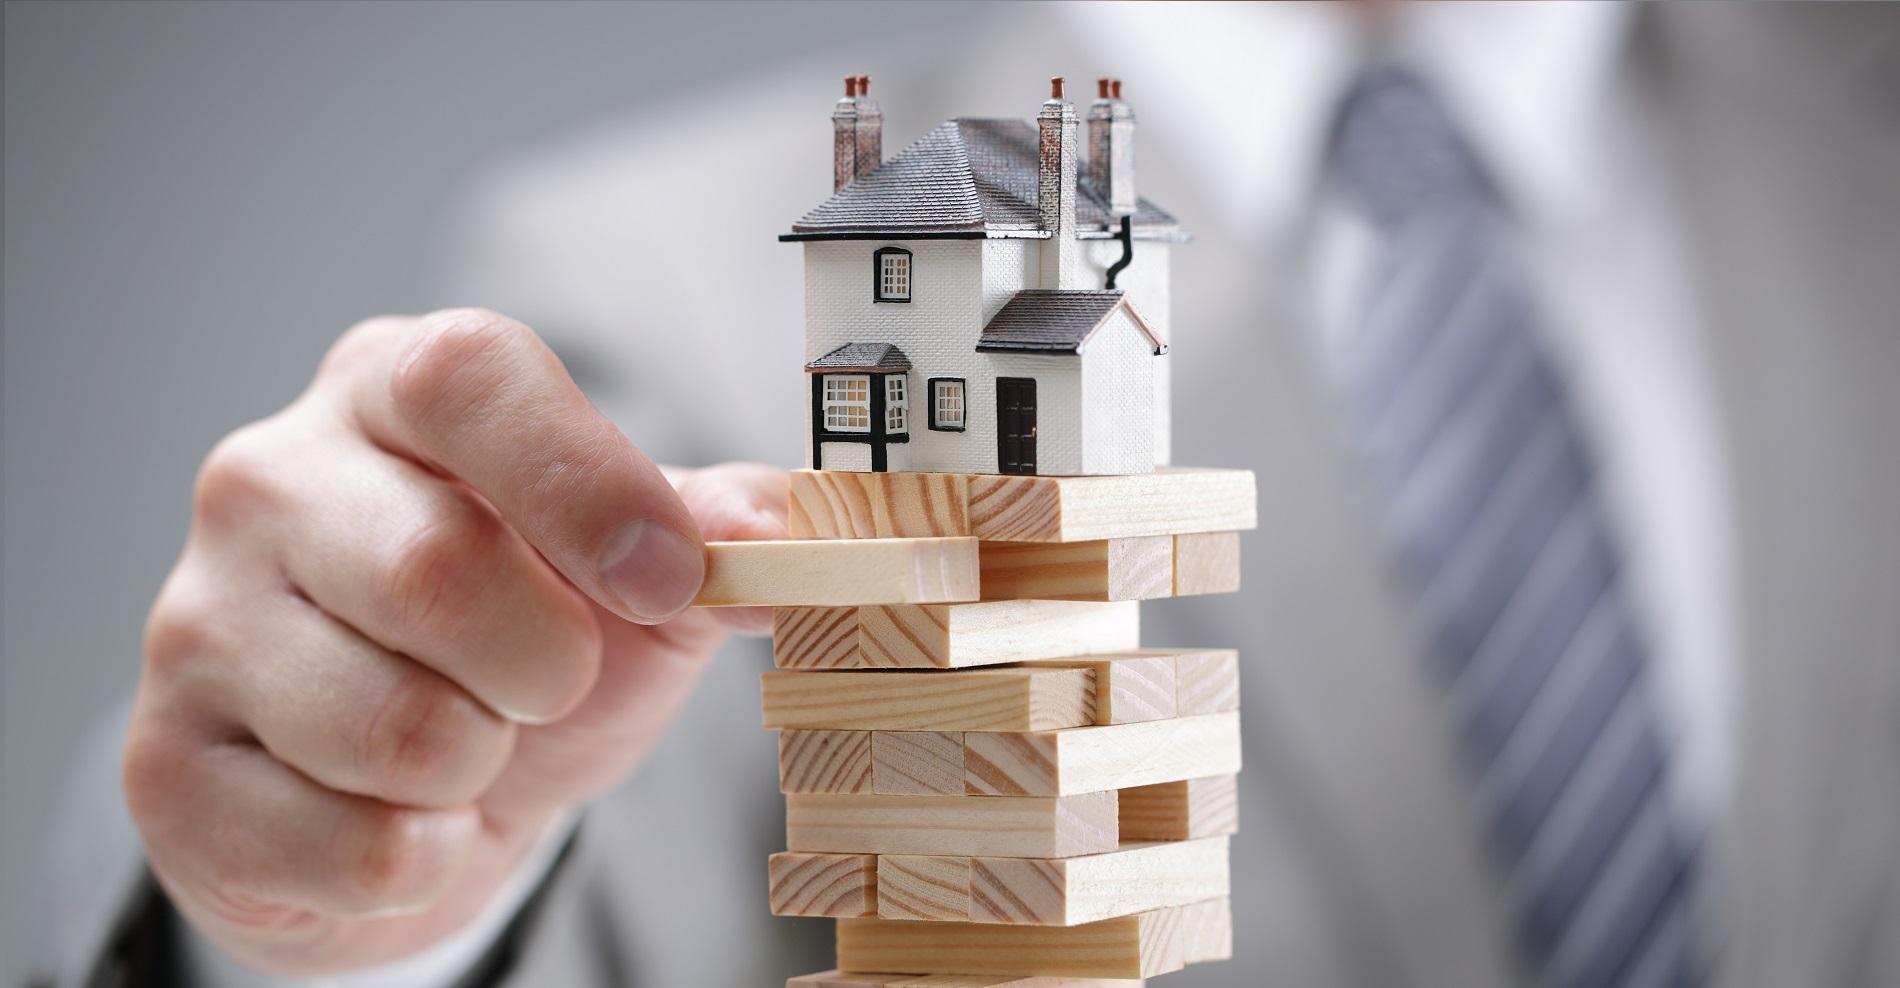 Especialista faz análise do mercado imobiliário diante da crise